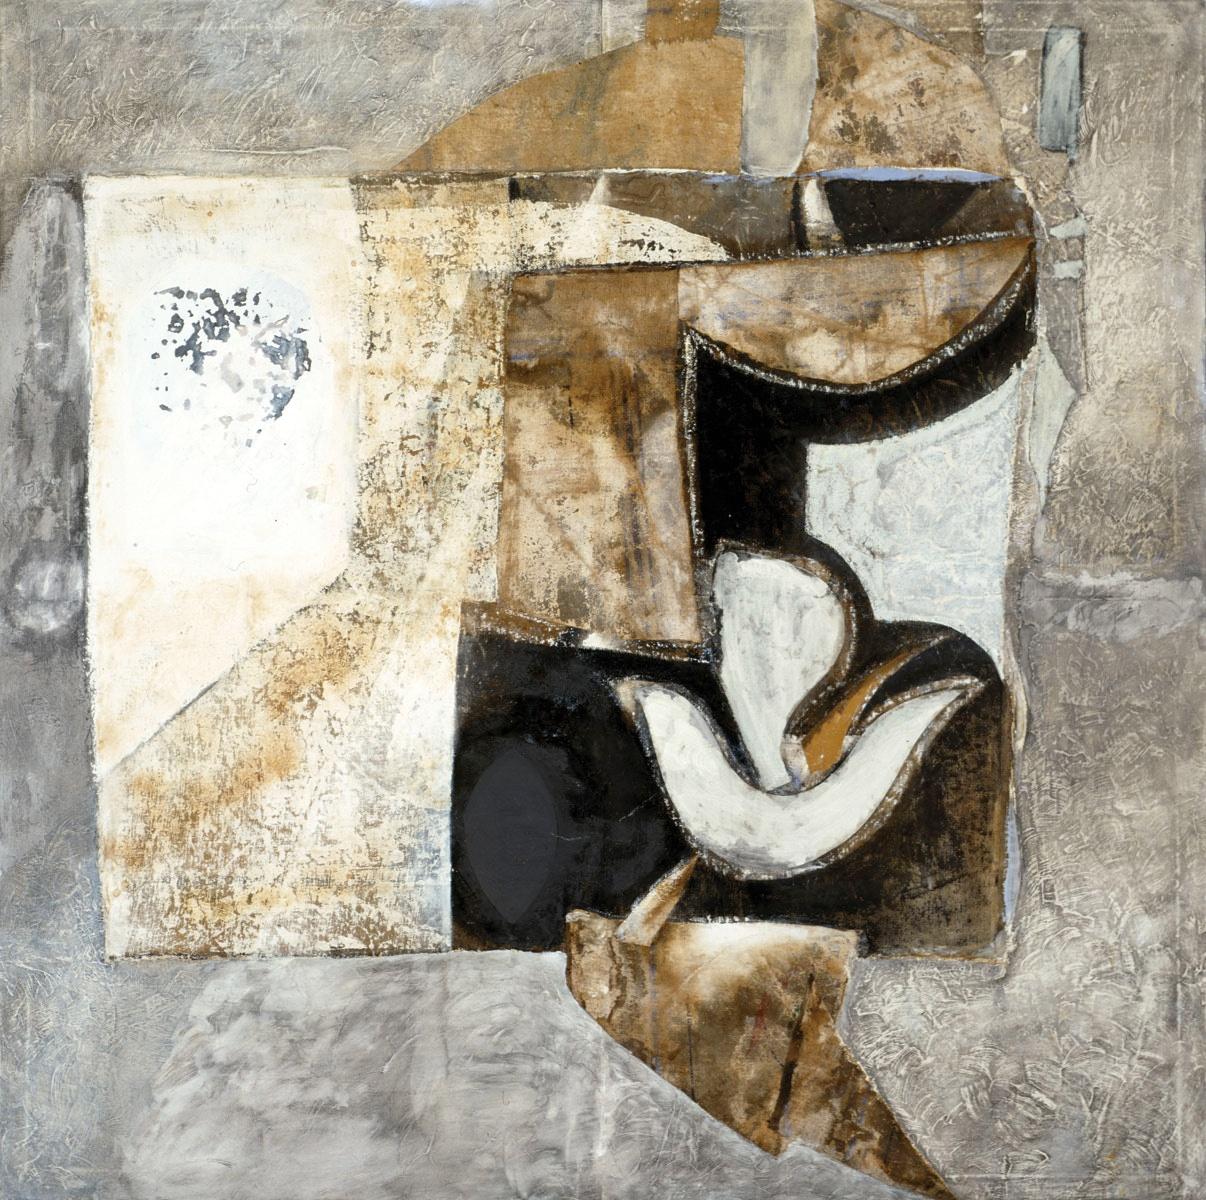 Armonia della Forma Archetipa (Archetypal Shape Armony) - tecnica mista e collage su tela (mixed media and collage on canvas) - 1978/1983